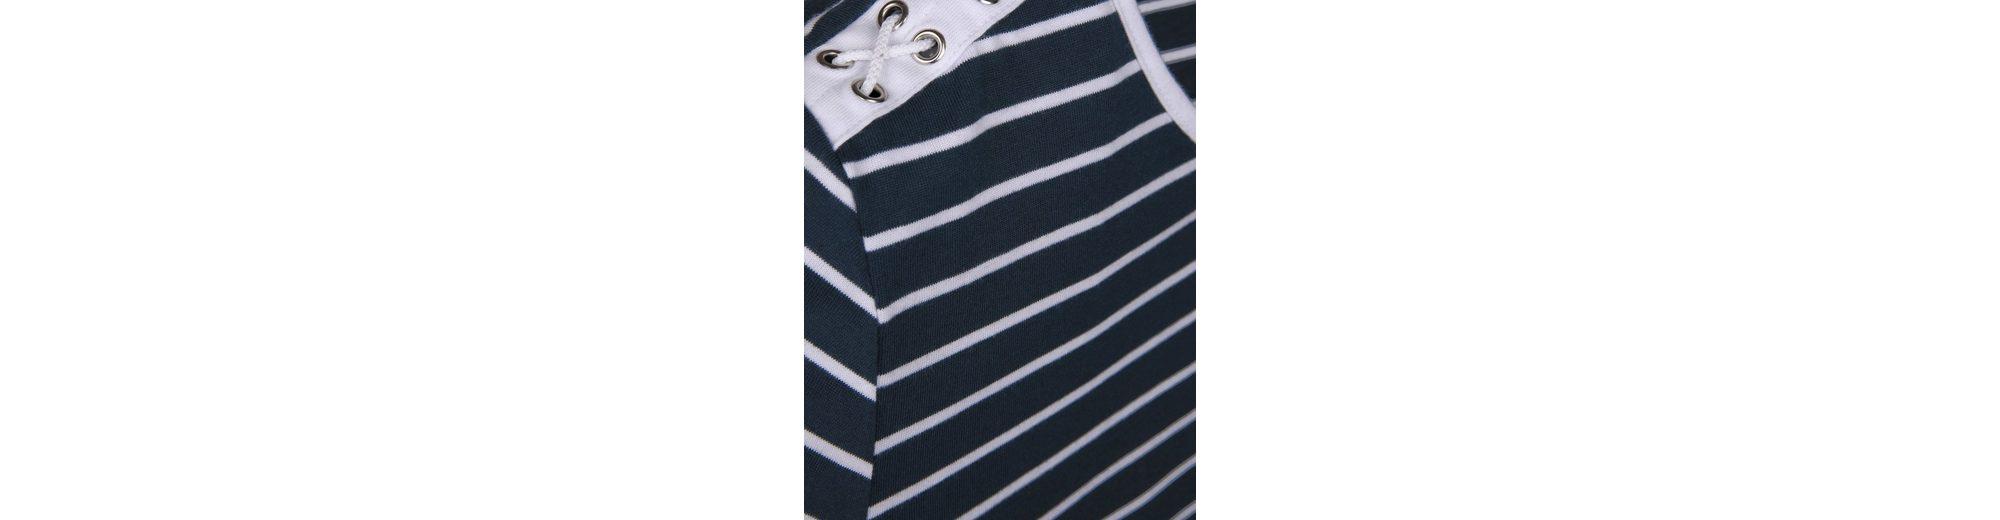 Dress In Shirt mit dekorativen Schnürungen Günstig Kaufen Shop Billig Verkauf Manchester Großer Verkauf Online Wie Vielen Verkauf Authentisch wZyogoK2